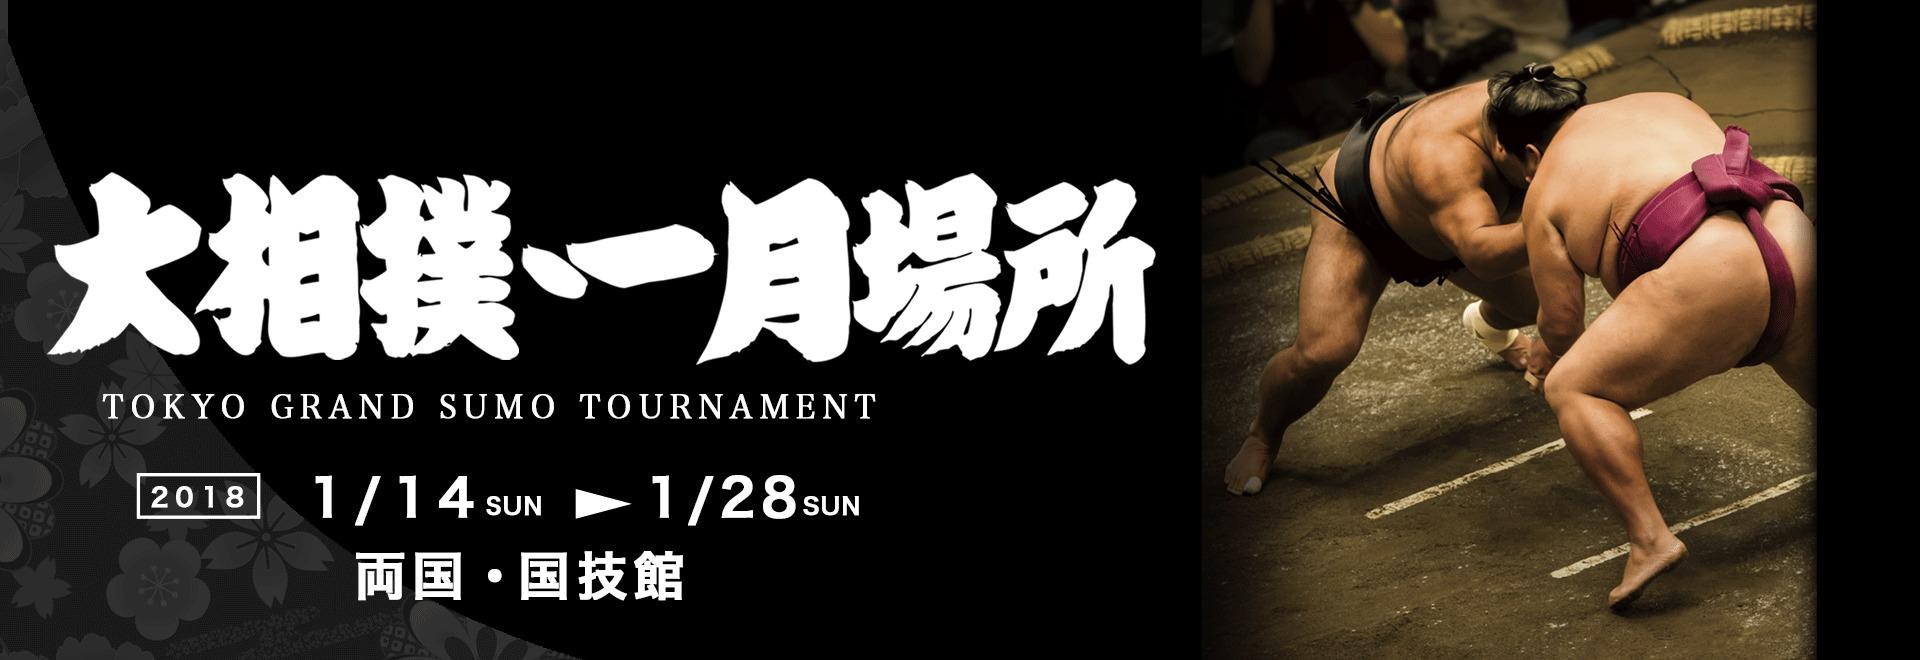 大相撲1月場所が1月14日(日)より東京・両国国技館で開幕する